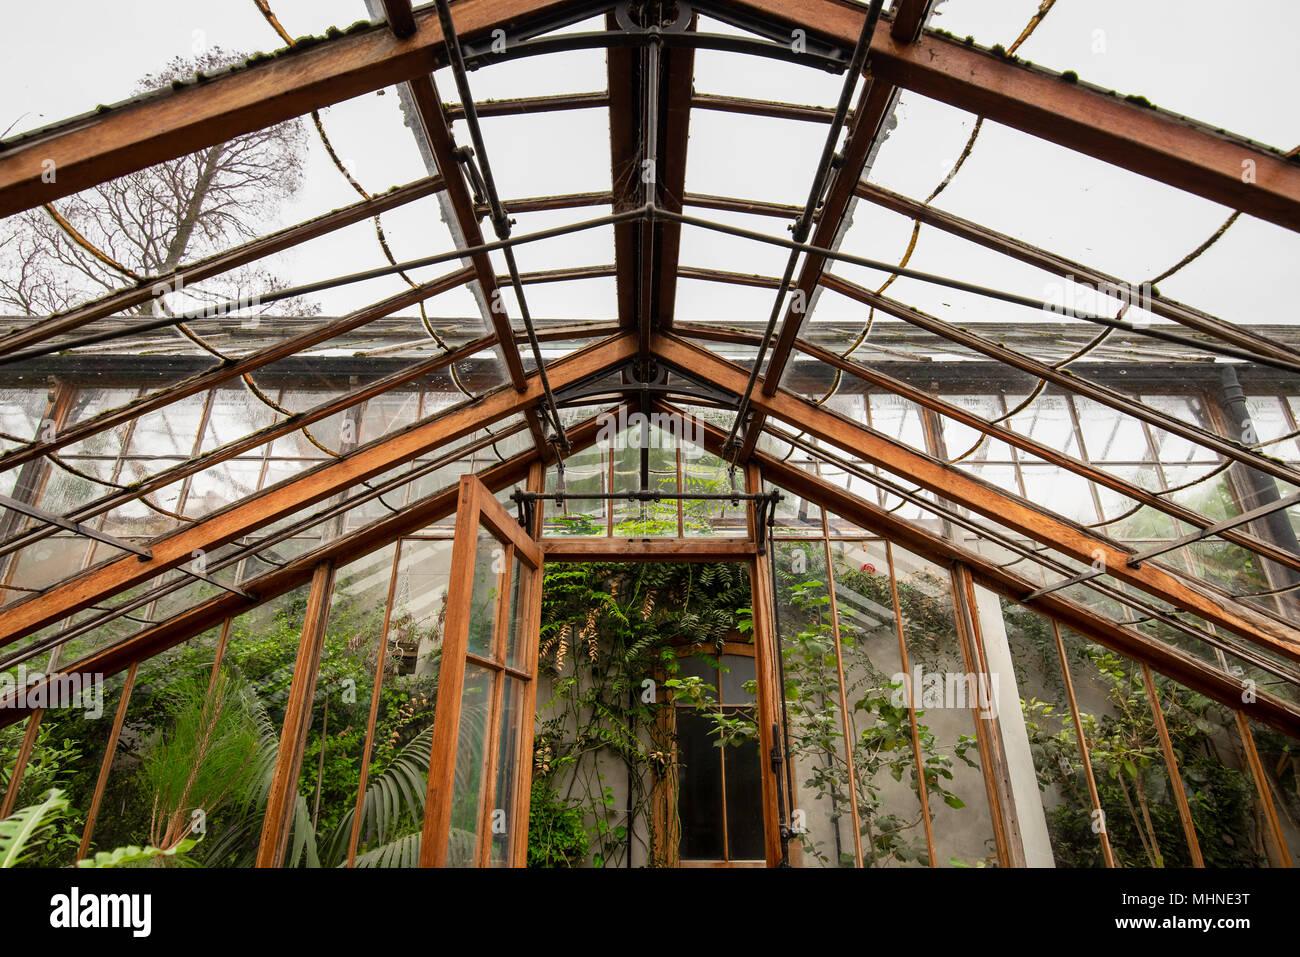 Cambridge Botanical Gardens Imágenes De Stock & Cambridge Botanical ...